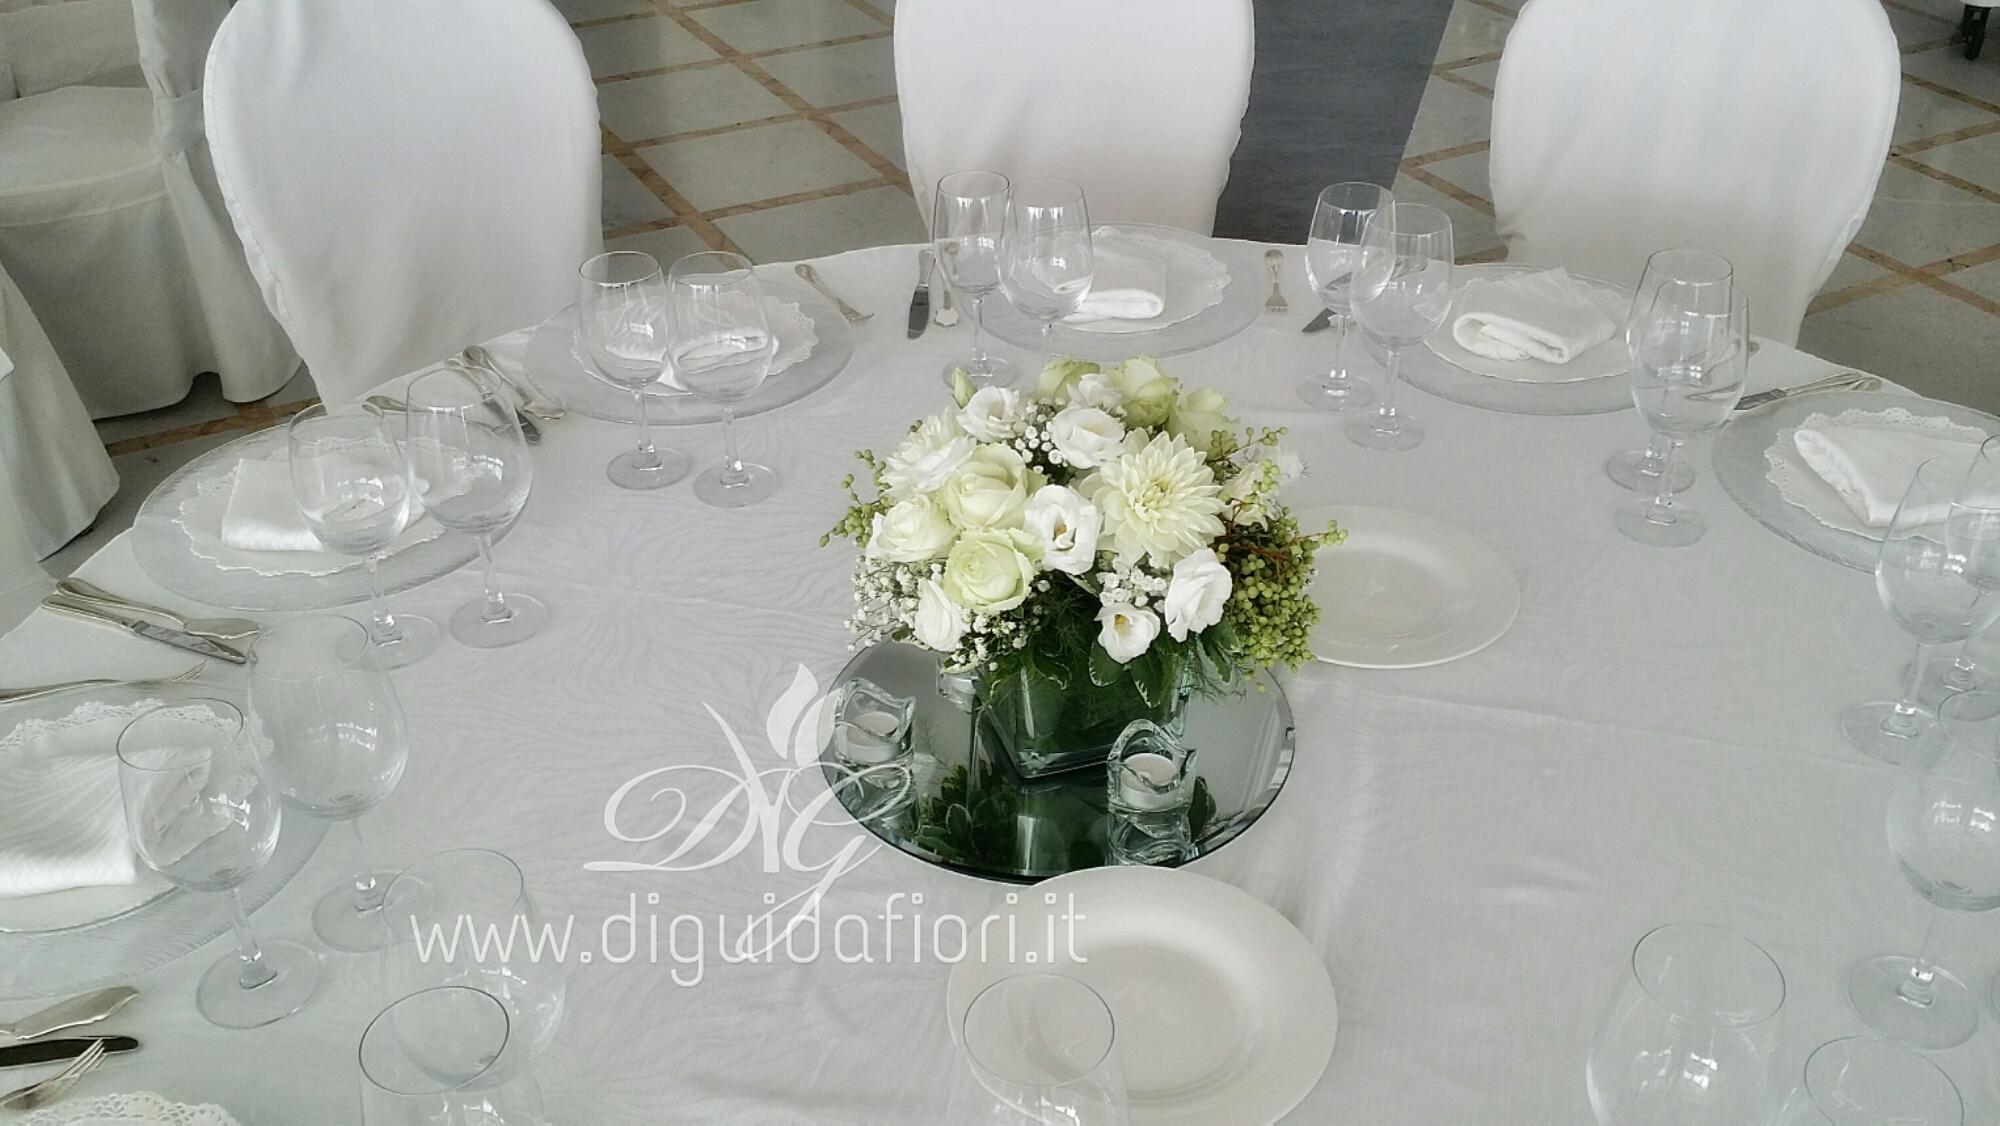 Addobbo floreale per matrimonio – Villa D'Angelo Santa Caterina Napoli